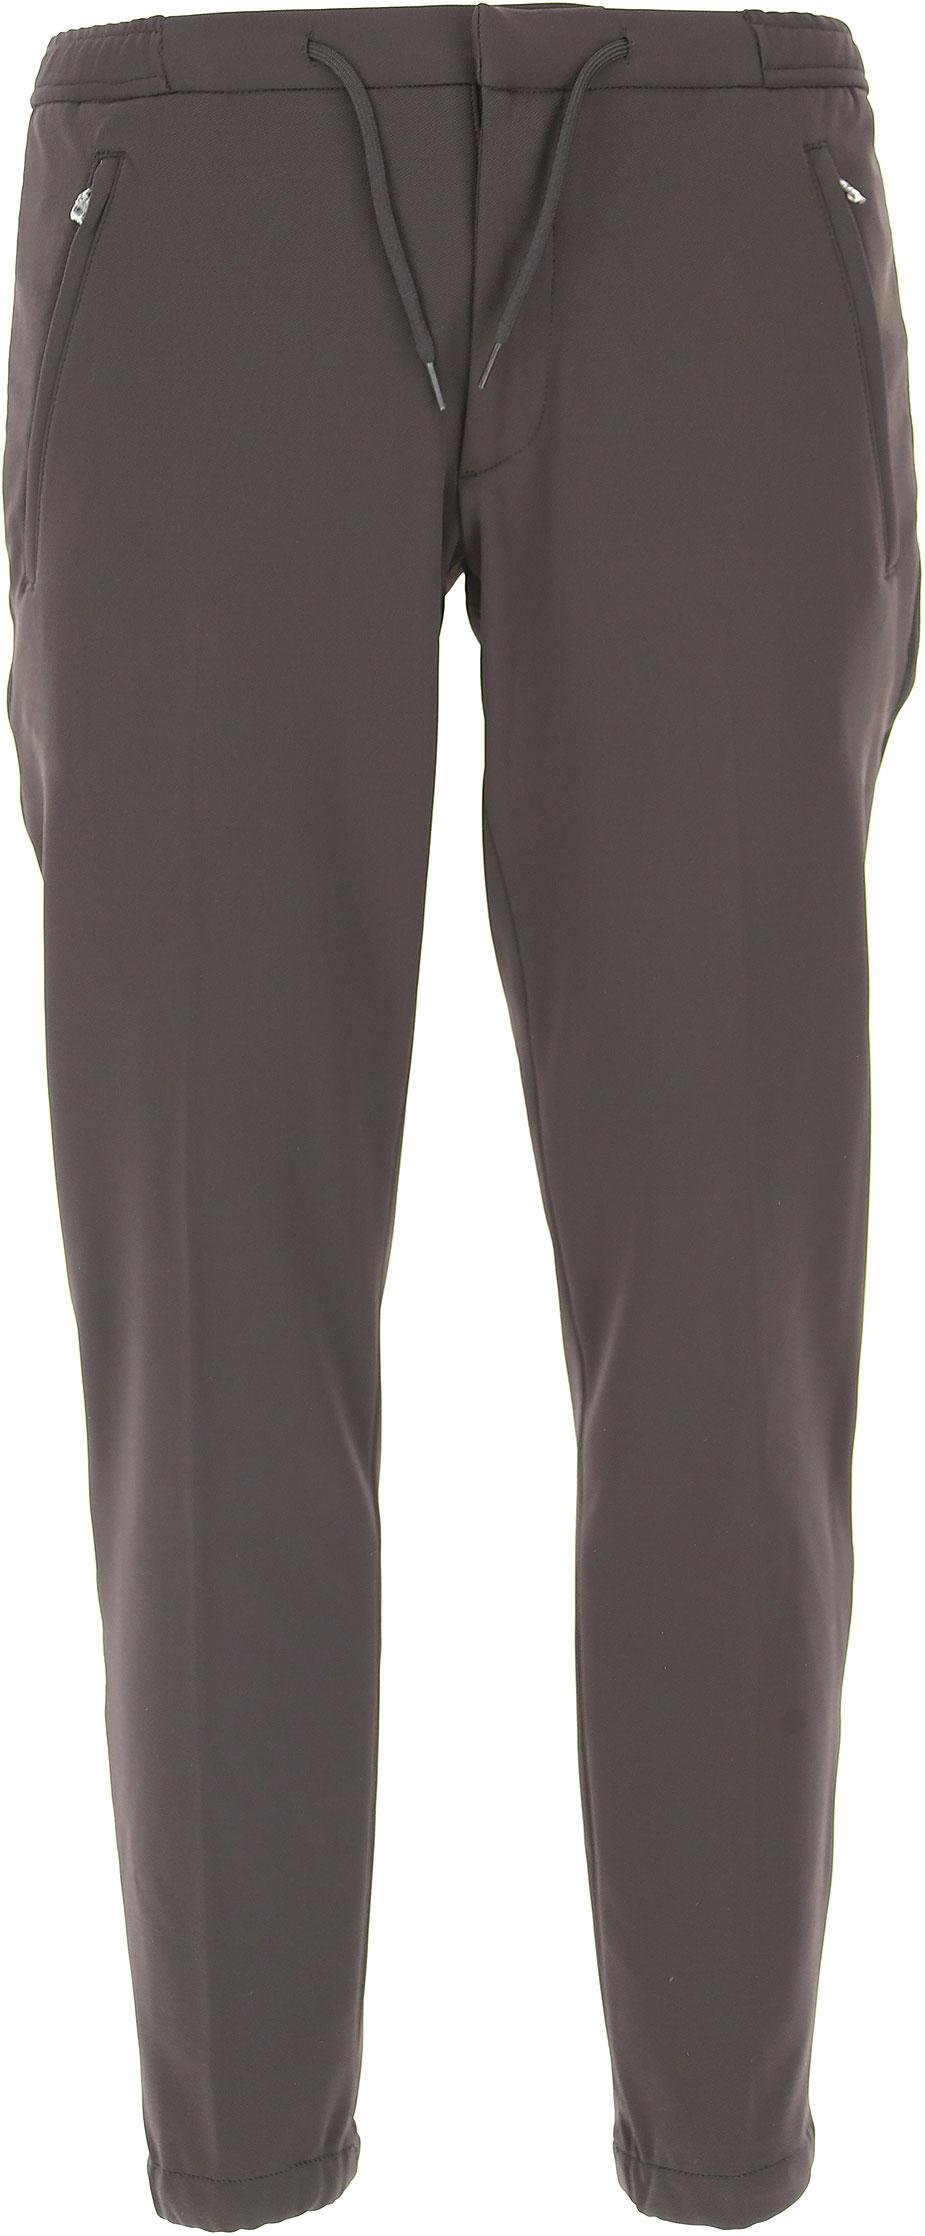 Abbigliamento Uomo Emporio Armani, Codice Articolo: 3z1pm4-1jqzz-0998